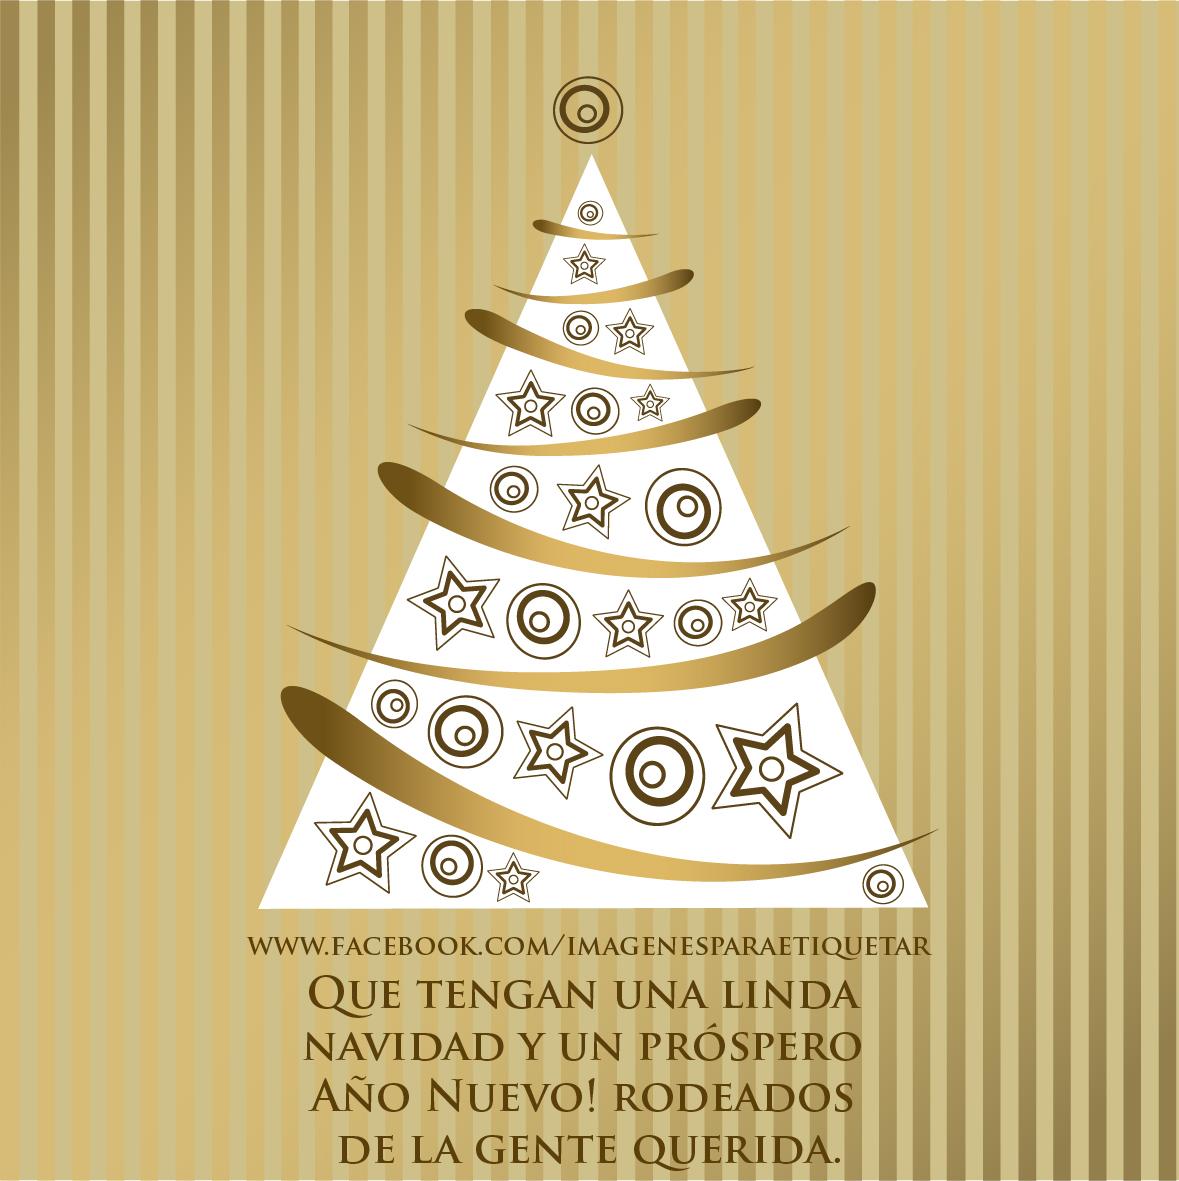 Mensajes para tarjetas de navidad y ano nuevo empresariales